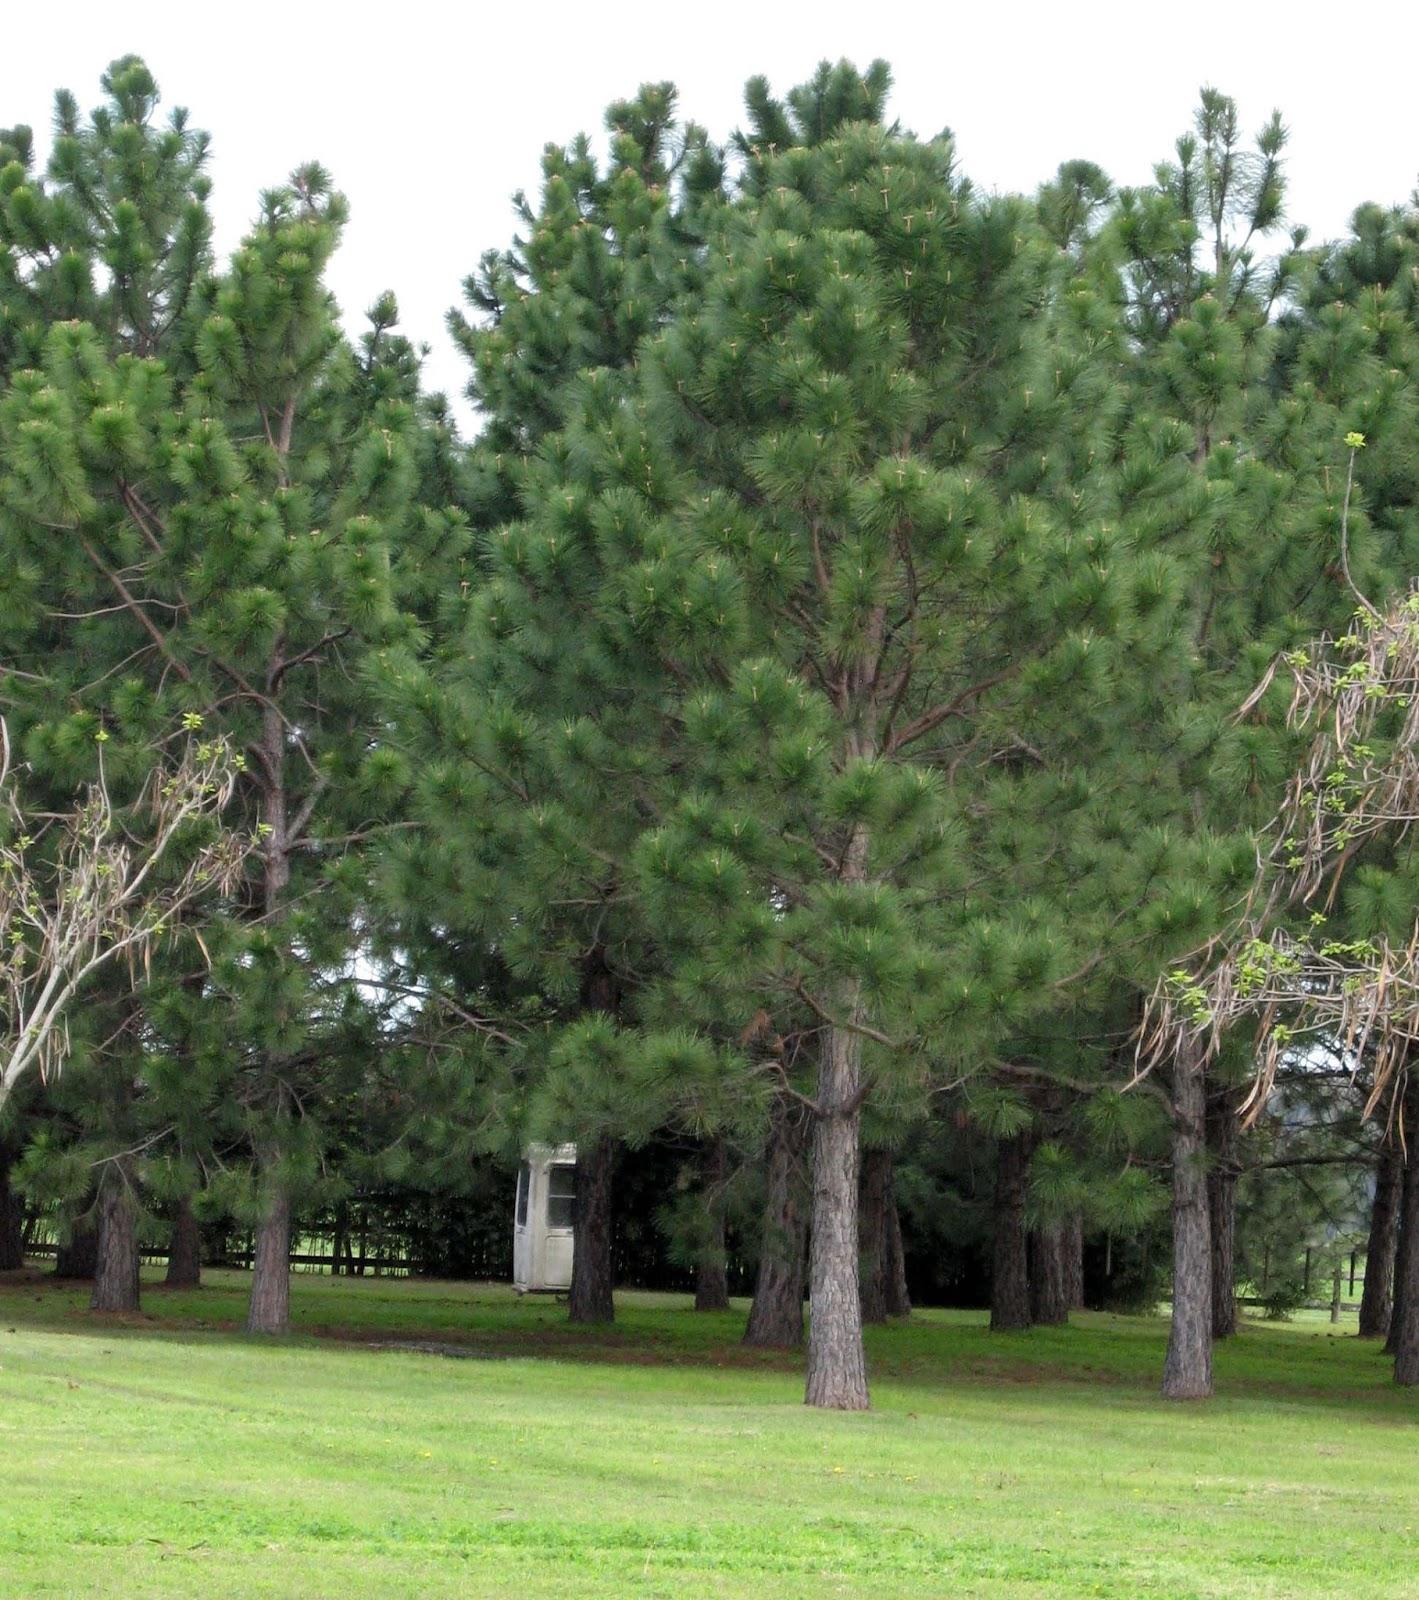 En el jardin con feras perennes for Tipos de pinos para jardin fotos